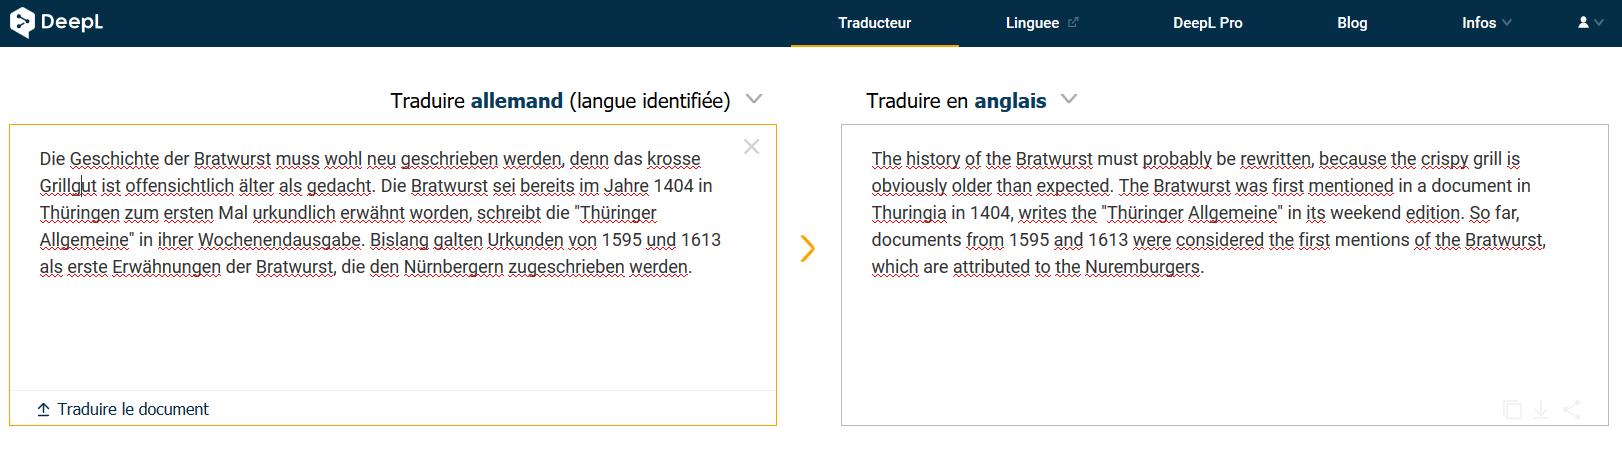 DeepL comparaison de traducteur